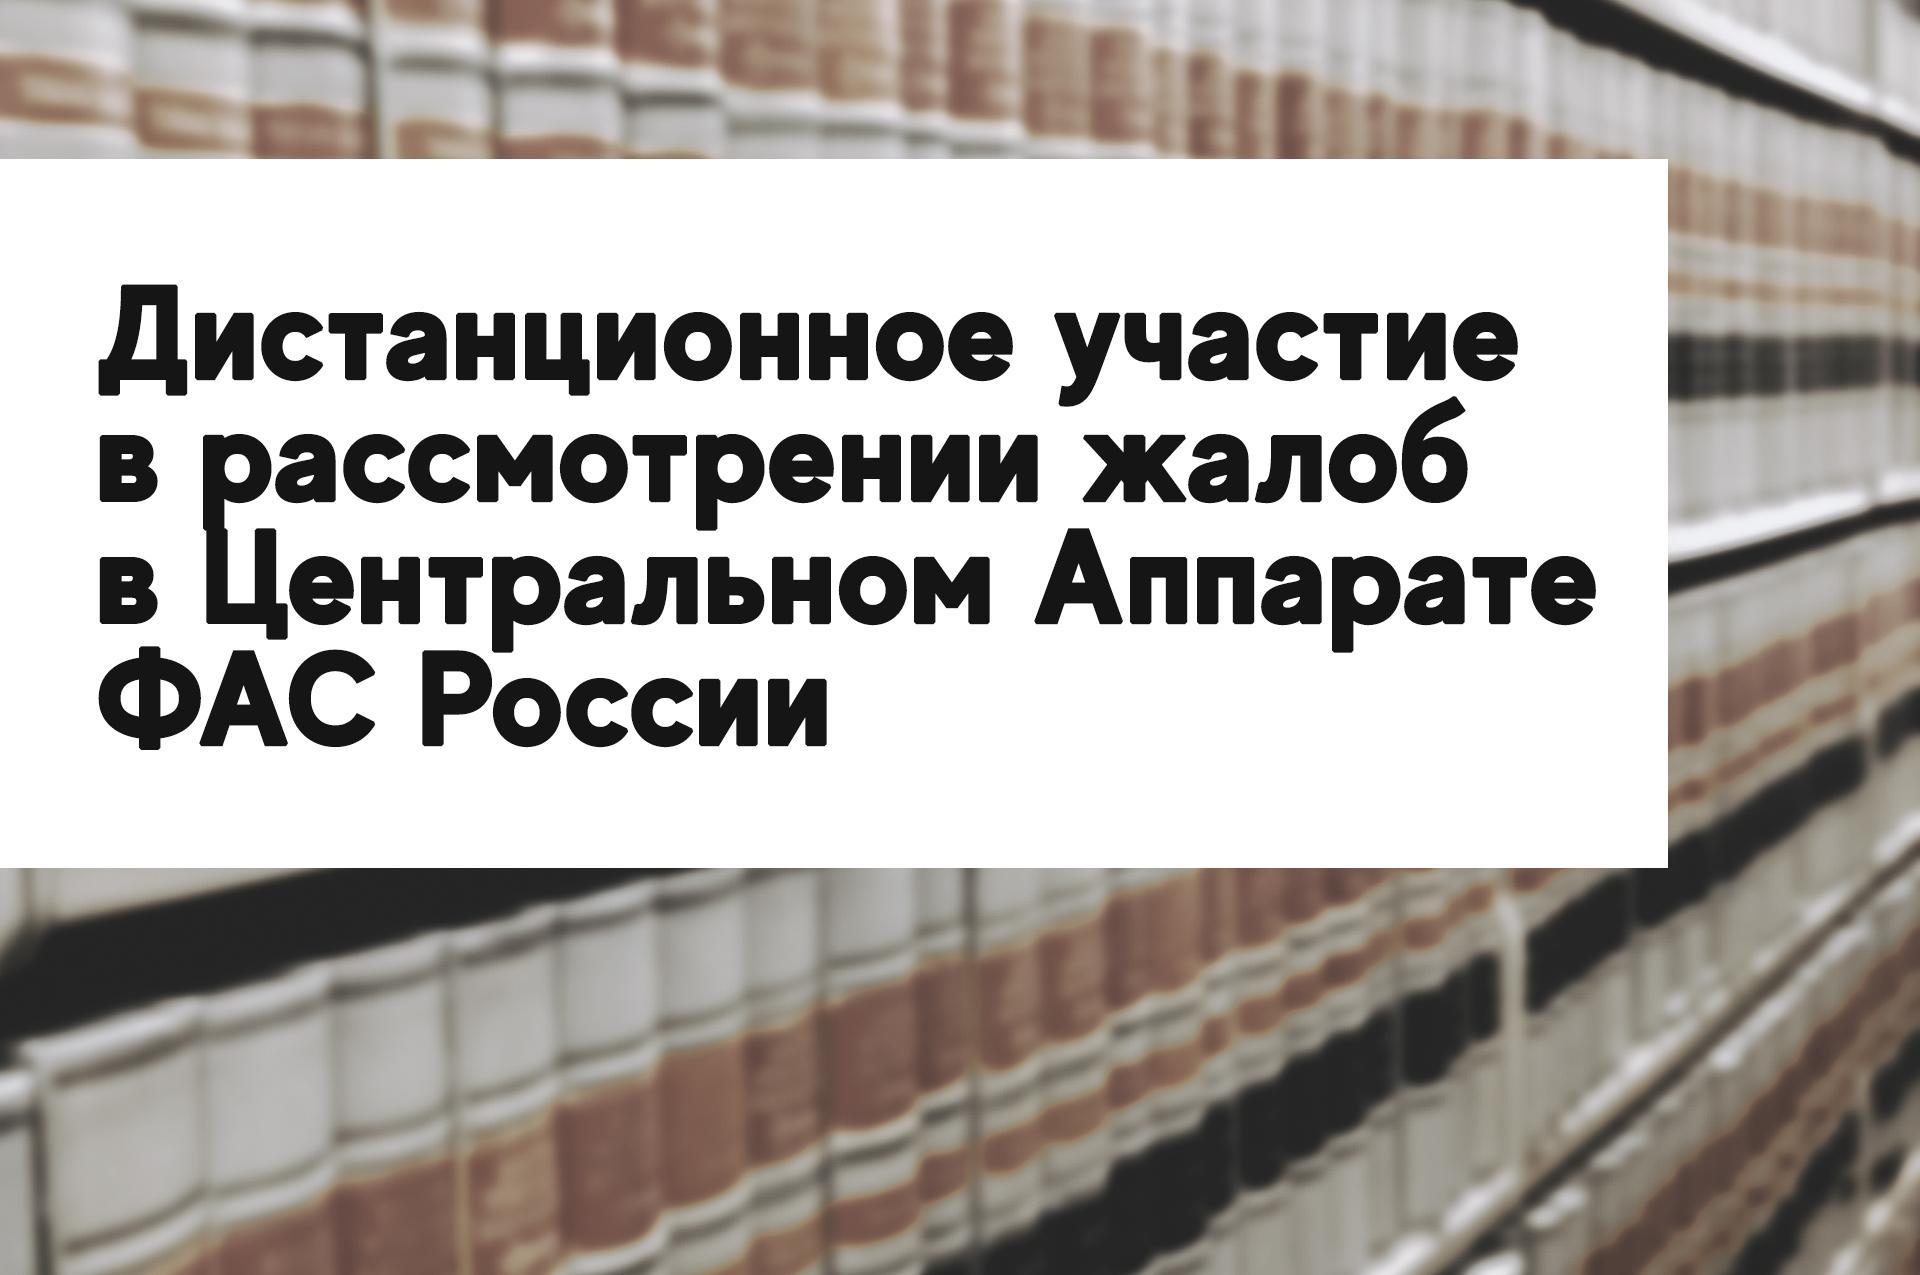 Дистанционное участие в рассмотрении жалоб в Центральном Аппарате ФАС России